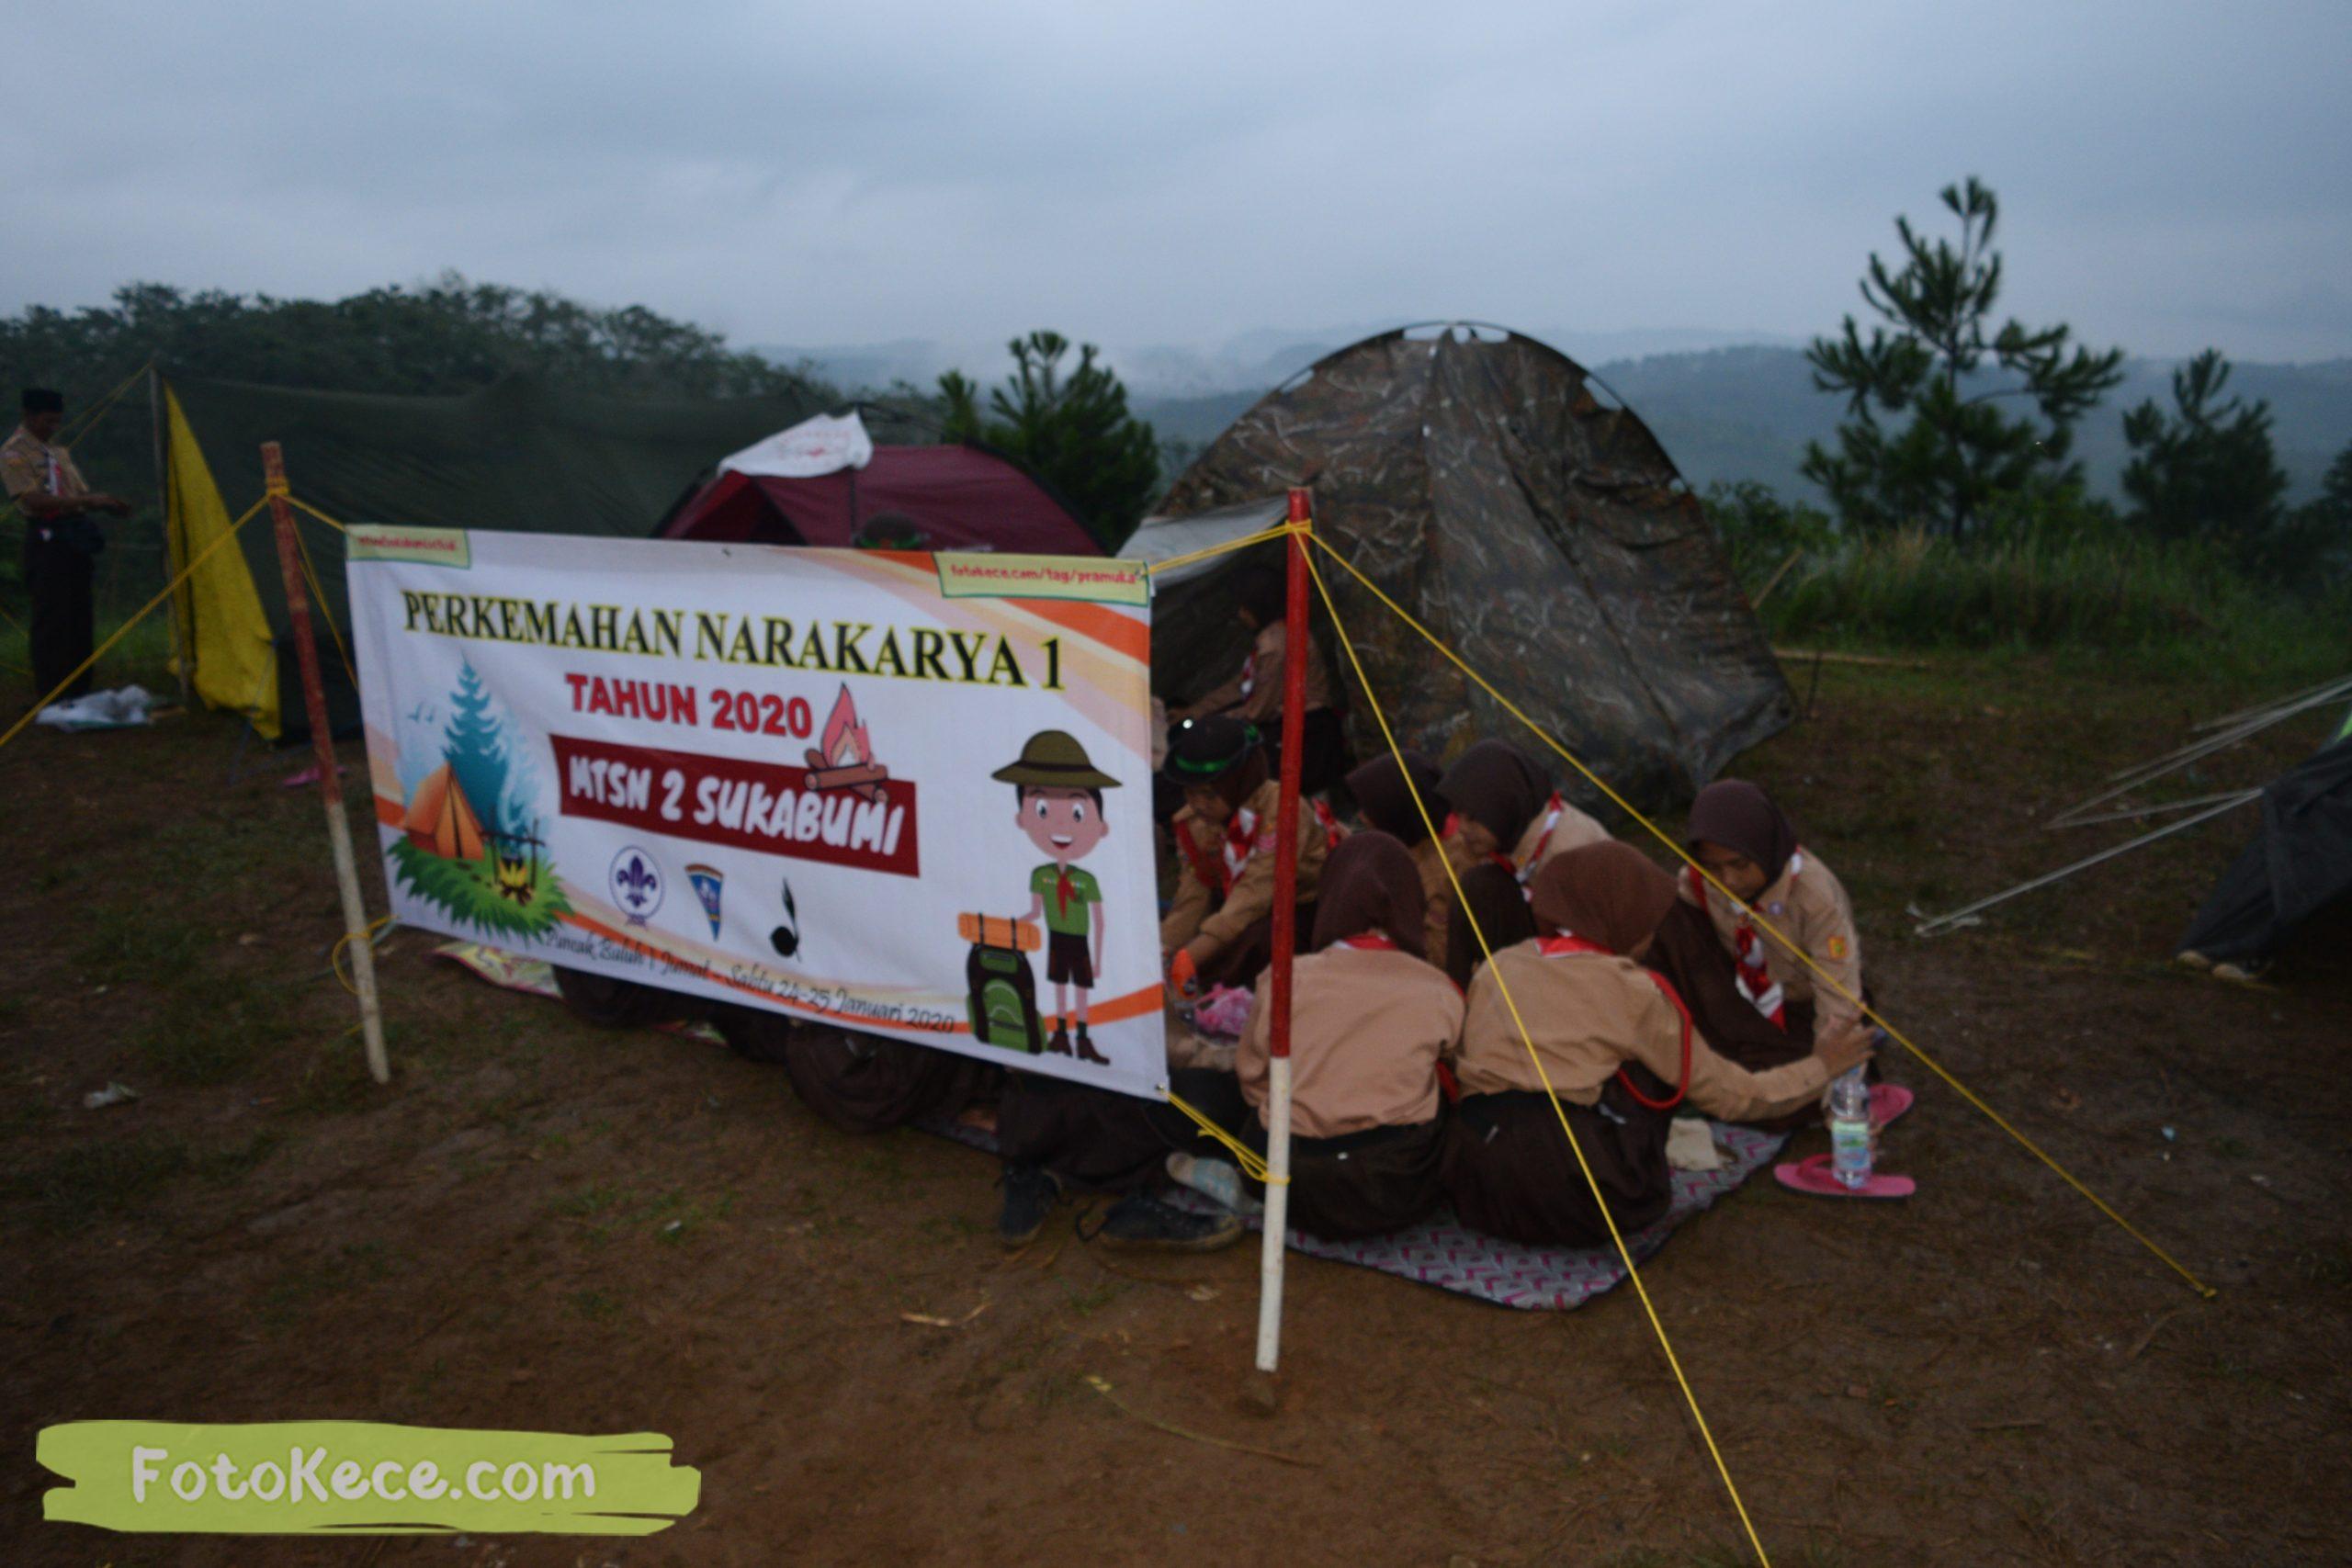 kegiatan sore malam perkemahan narakarya 1 mtsn 2 sukabumi 24 25 januari 2020 pramuka hebat puncak buluh foto kece 22 scaled